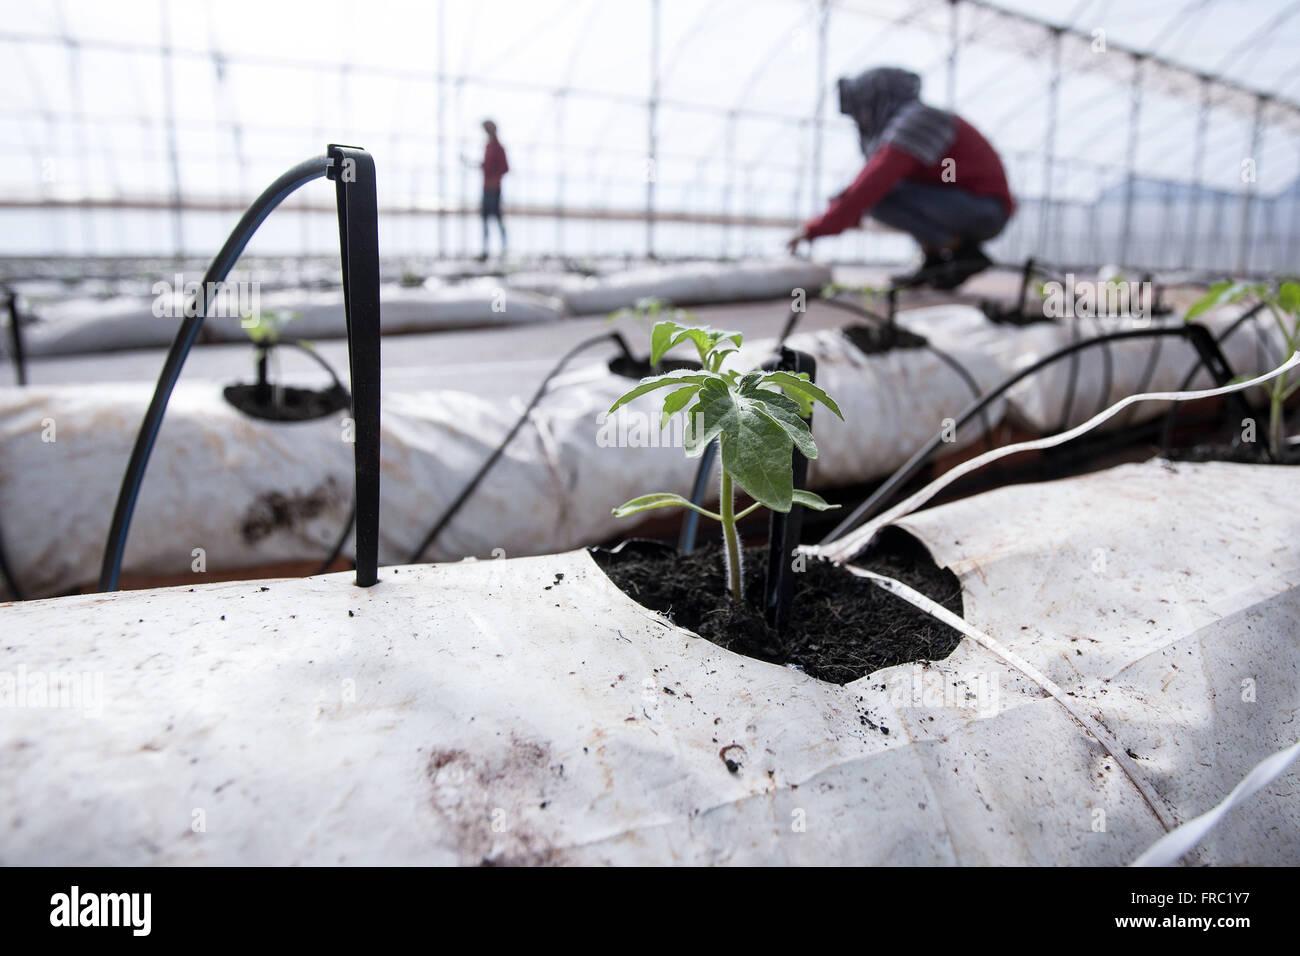 Les semis de tomates biologiques dans les émissions de haute technologie à la campagne Photo Stock